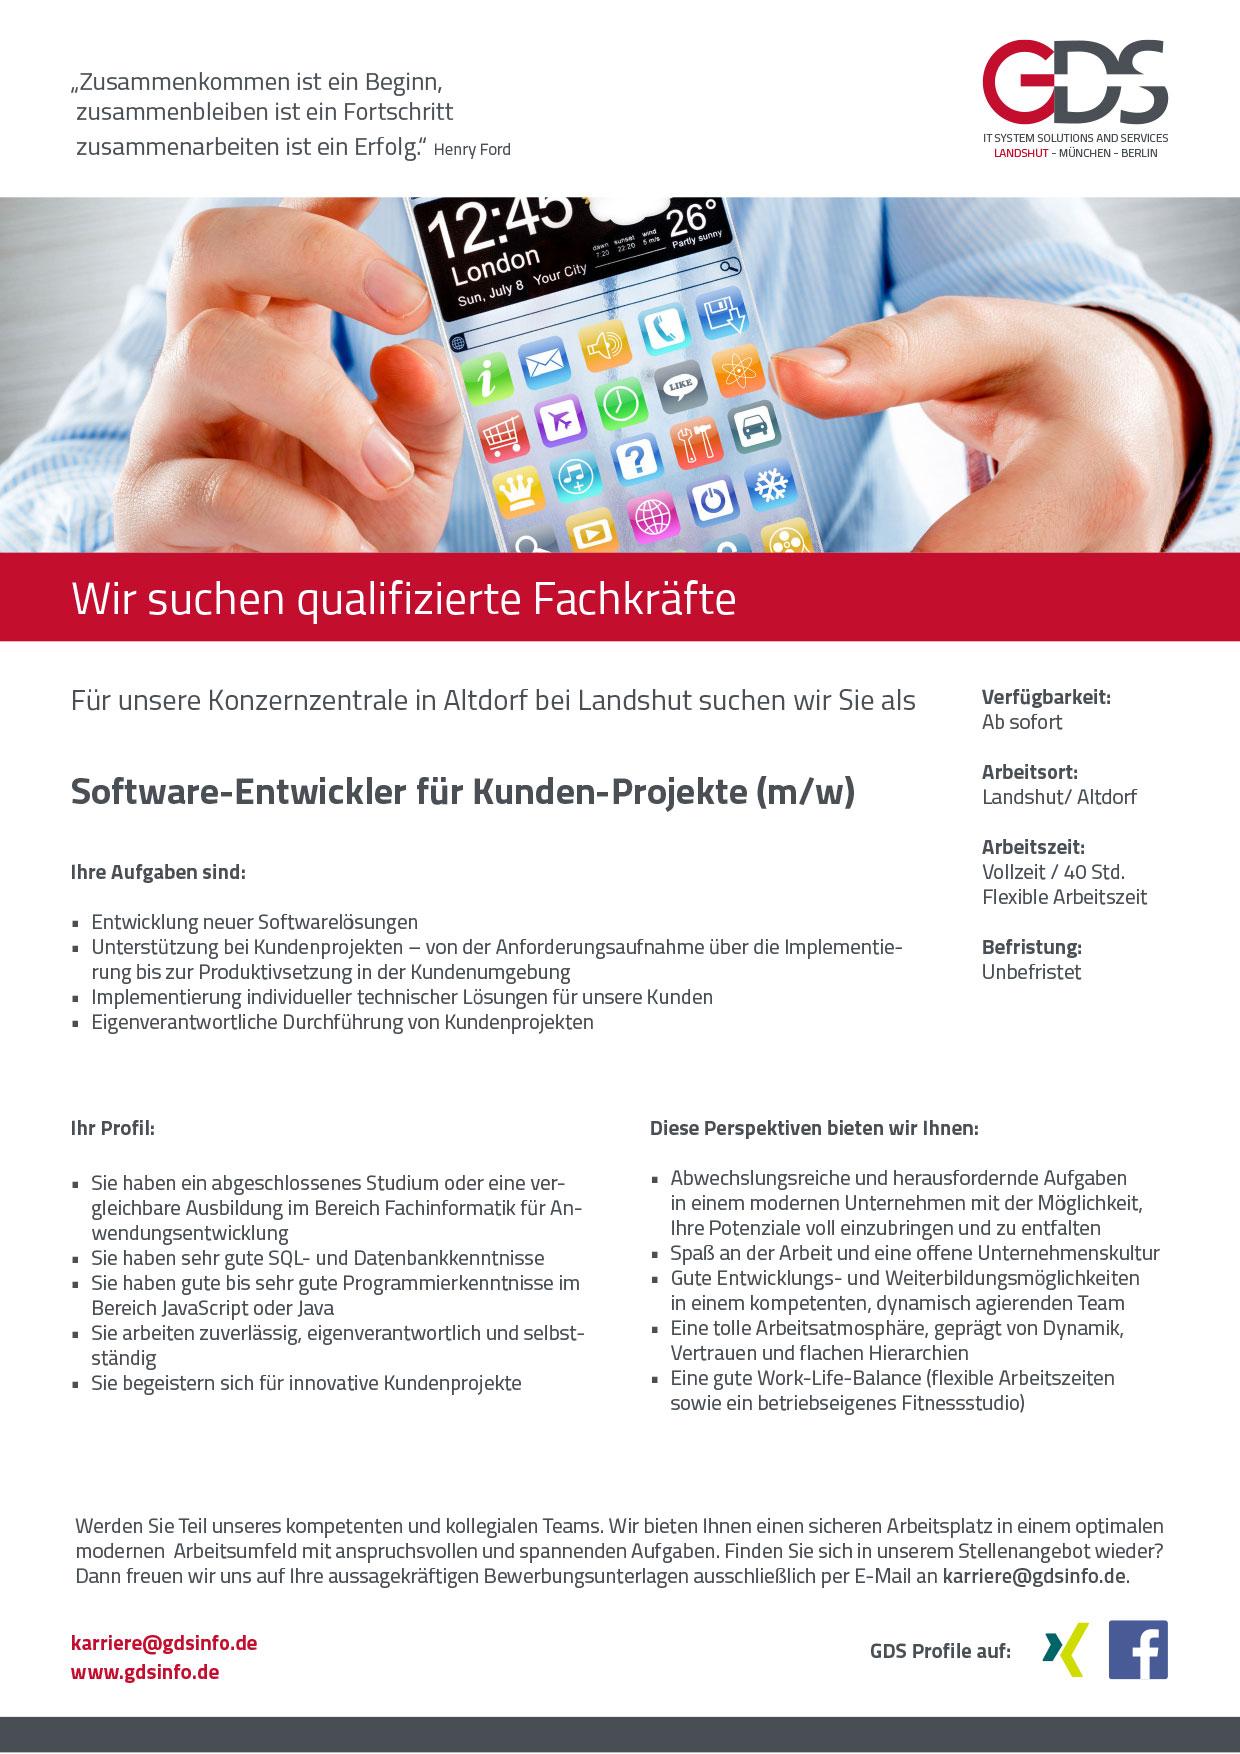 Software-Entwickler für Kunden-Projekte (m/w) Standort Altdorf/Landshut